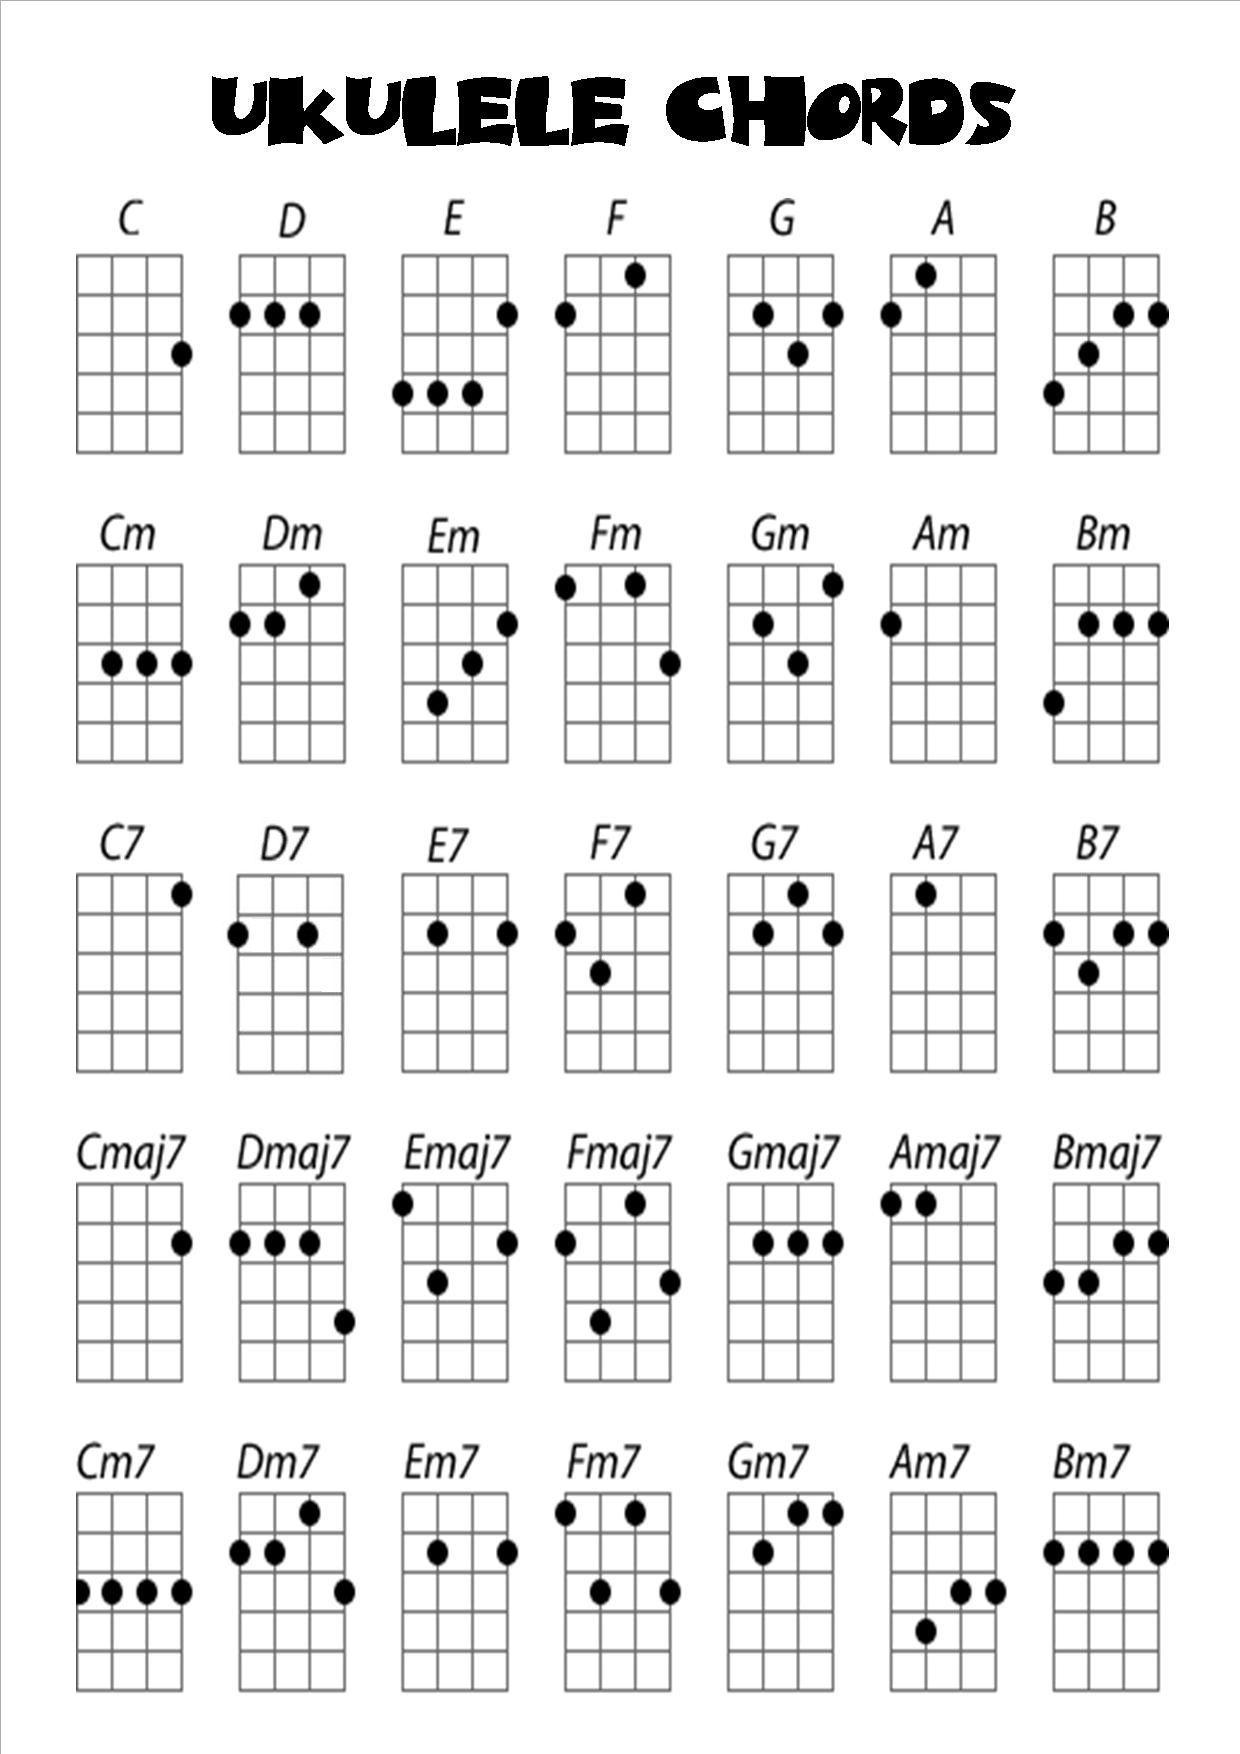 ukulele_chords.jpg | Ukulele chords, Ukulele songs, Ukulele music